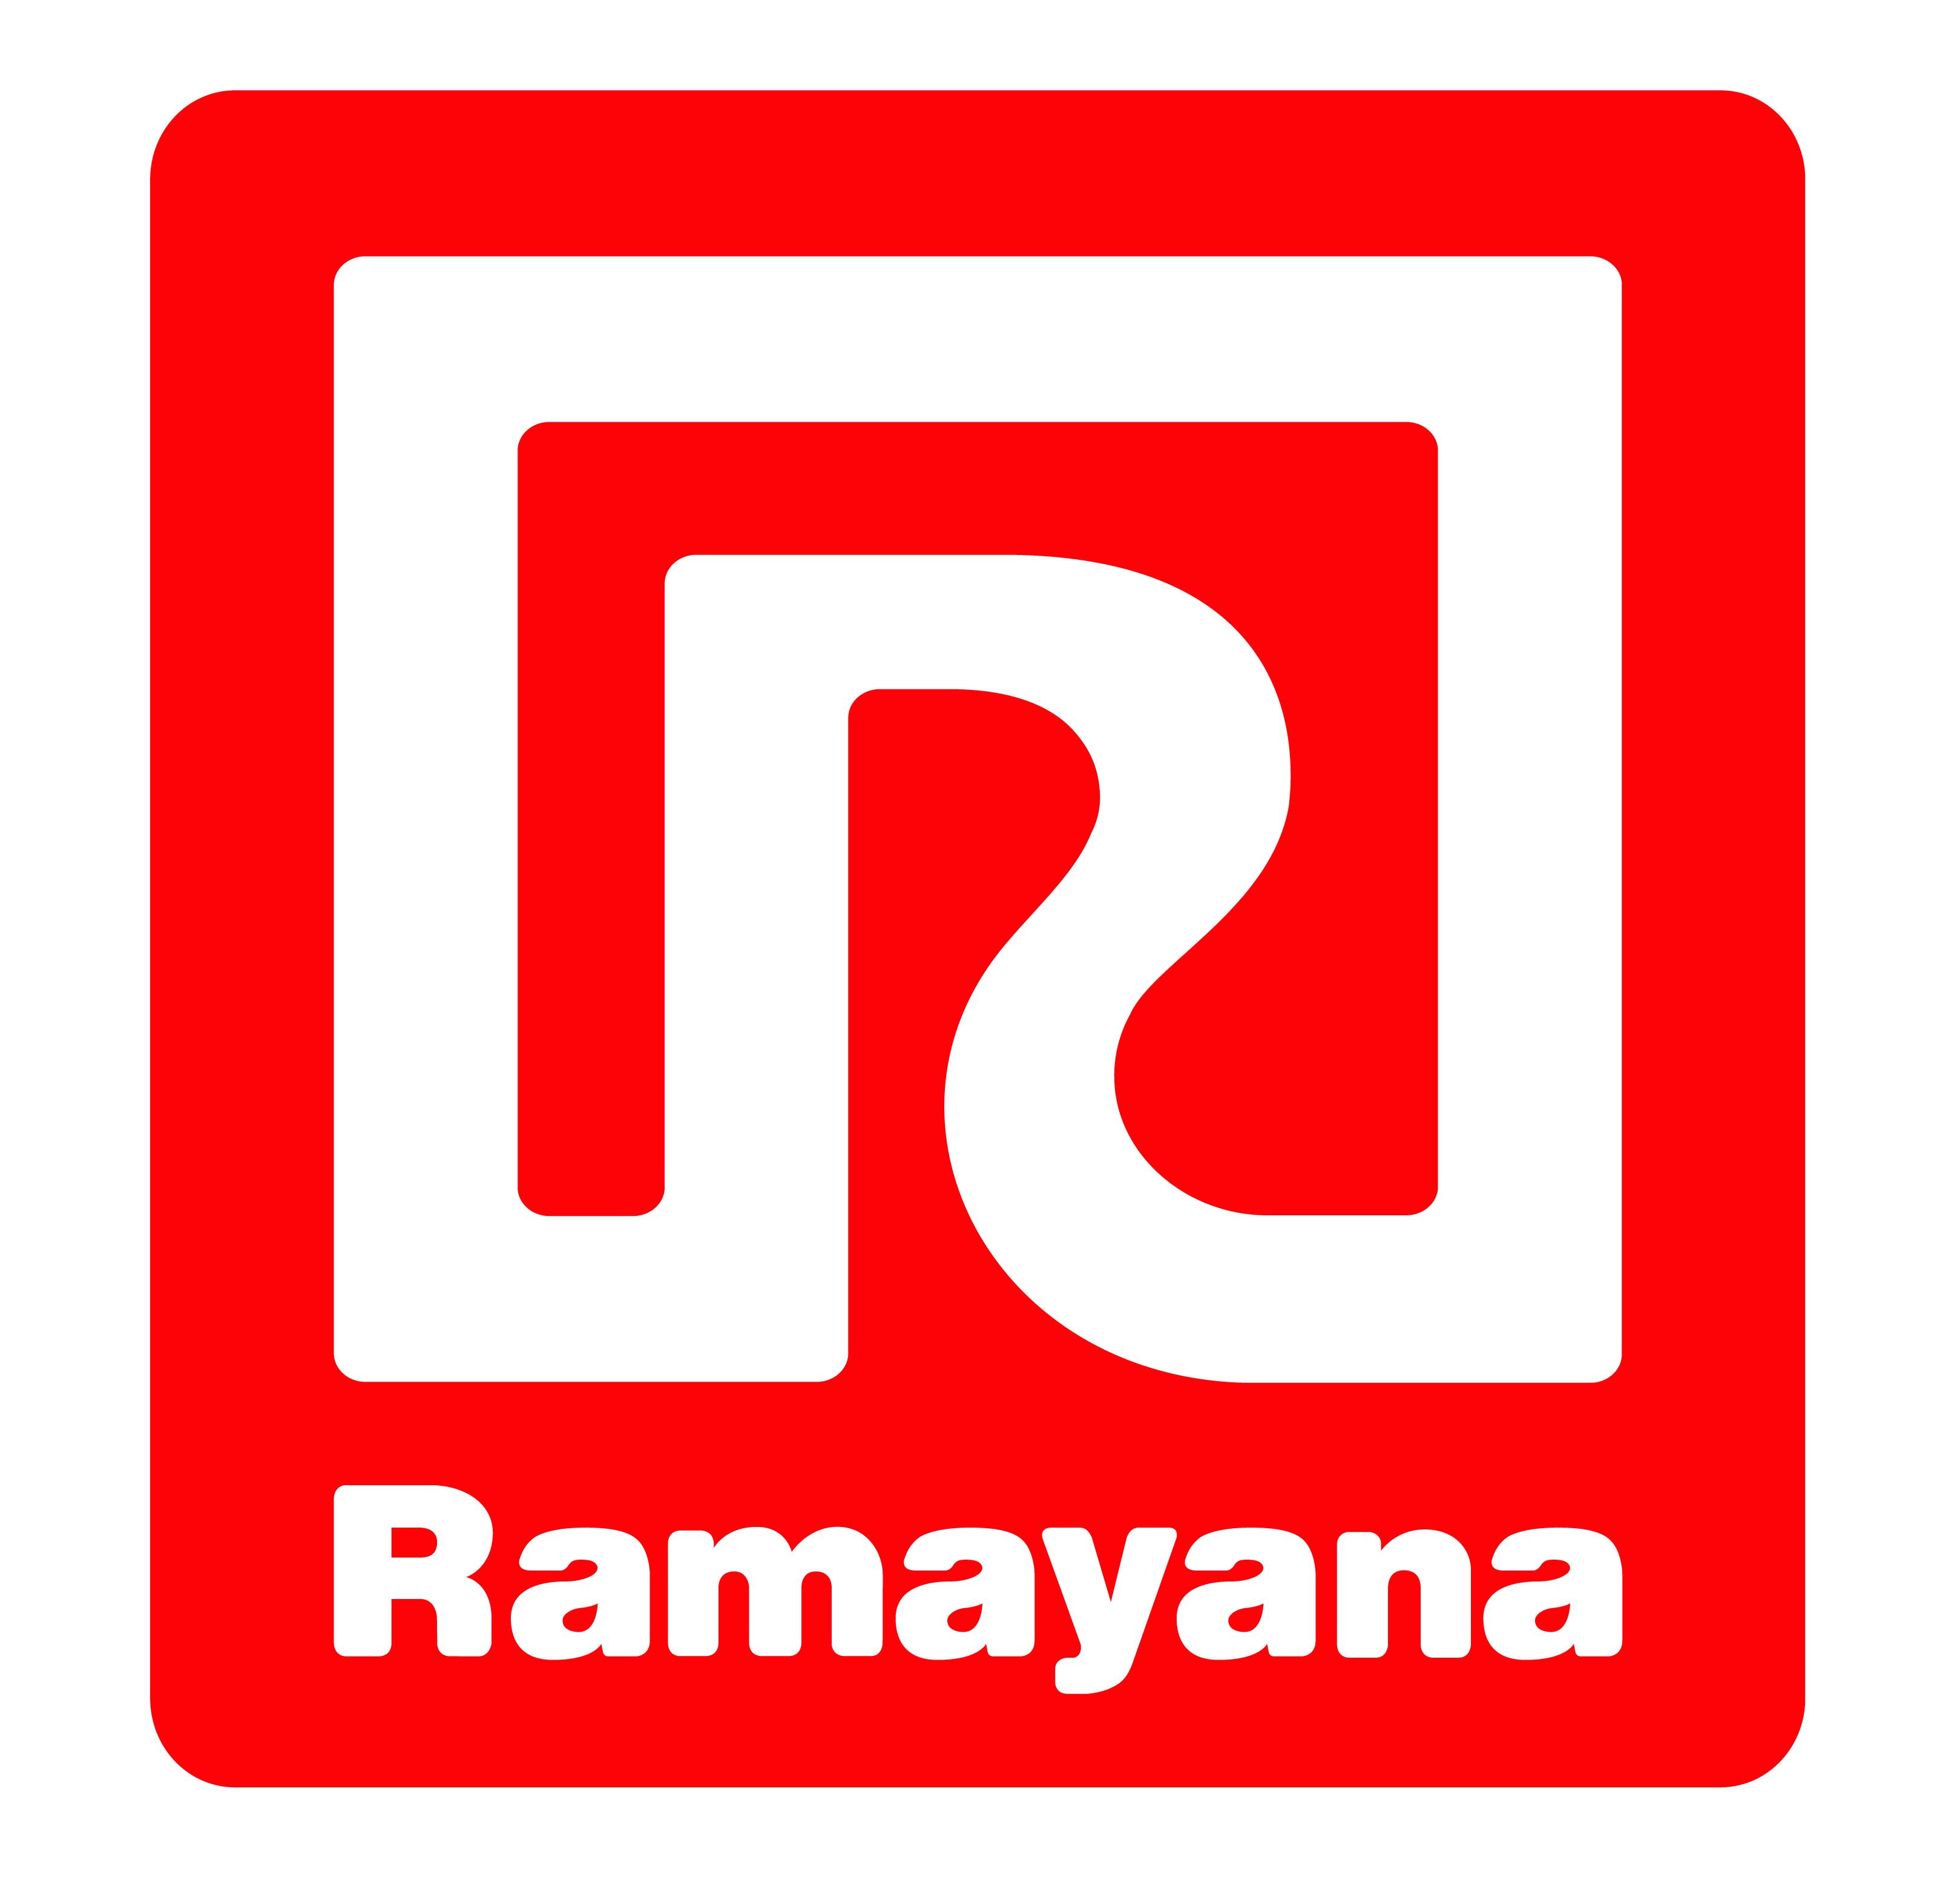 Ramayana Dept. Store  Yogyakarta